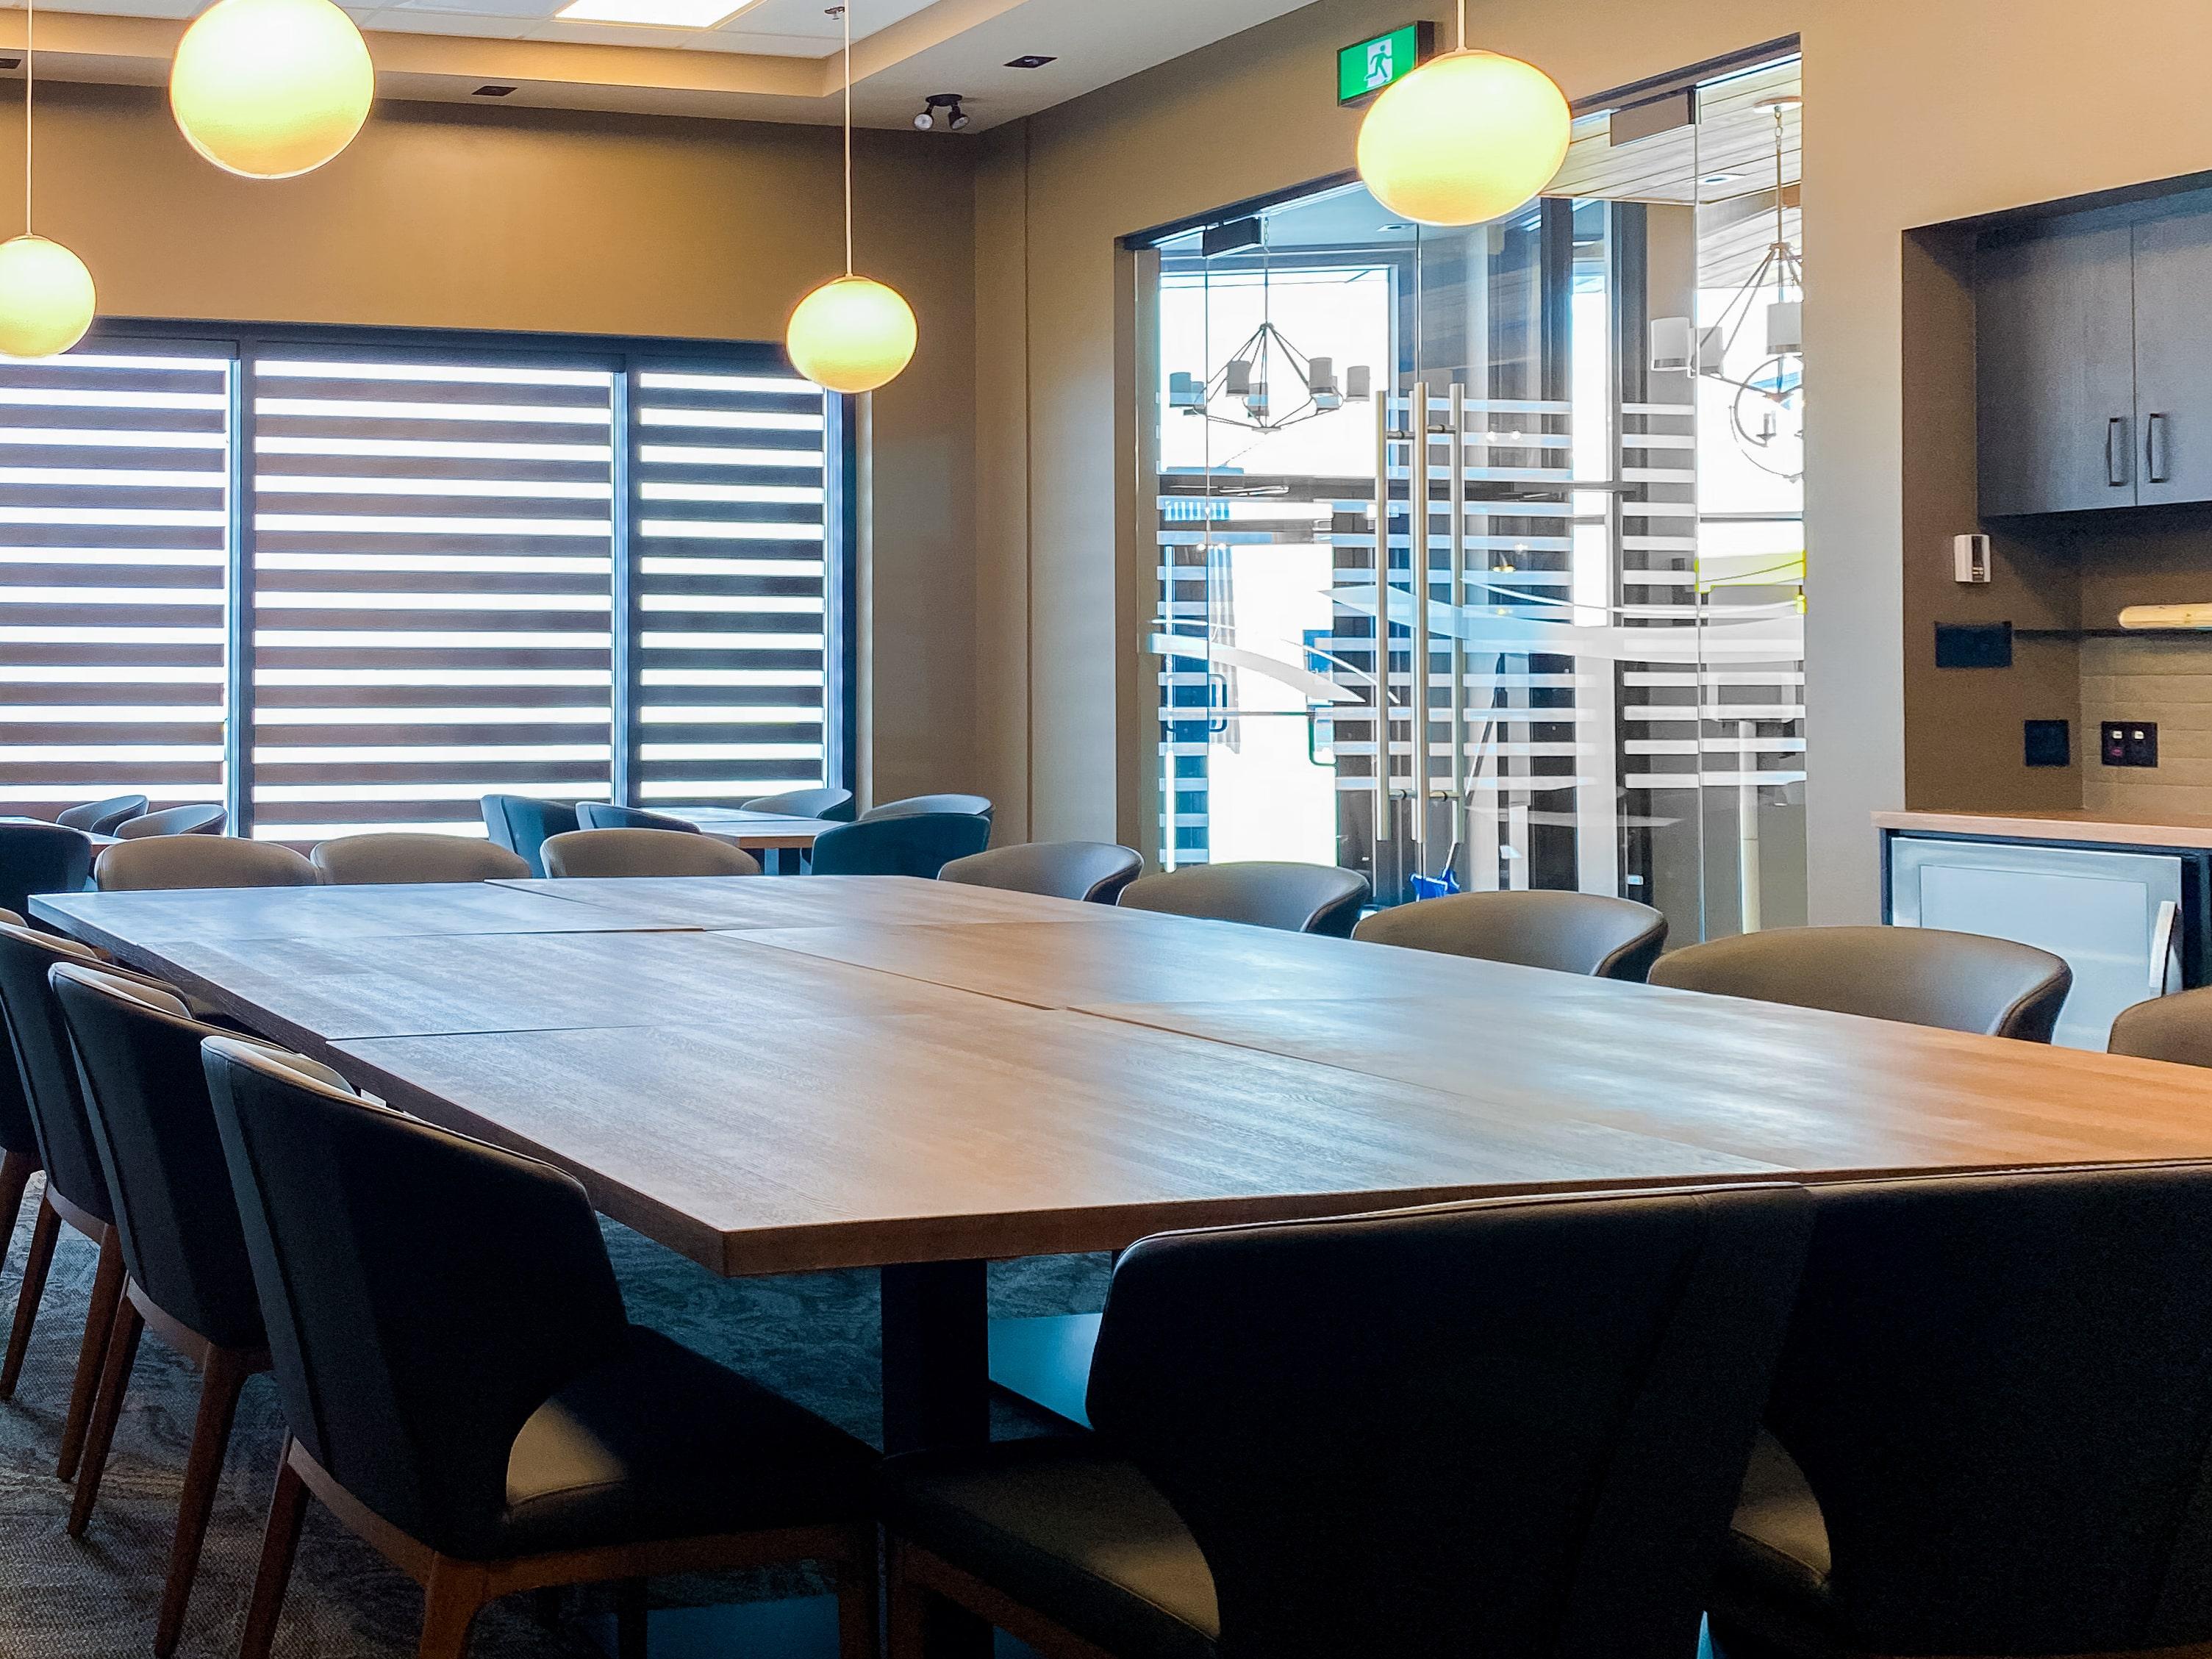 Salle corporative pour les rencontres d'affaires et les conférences